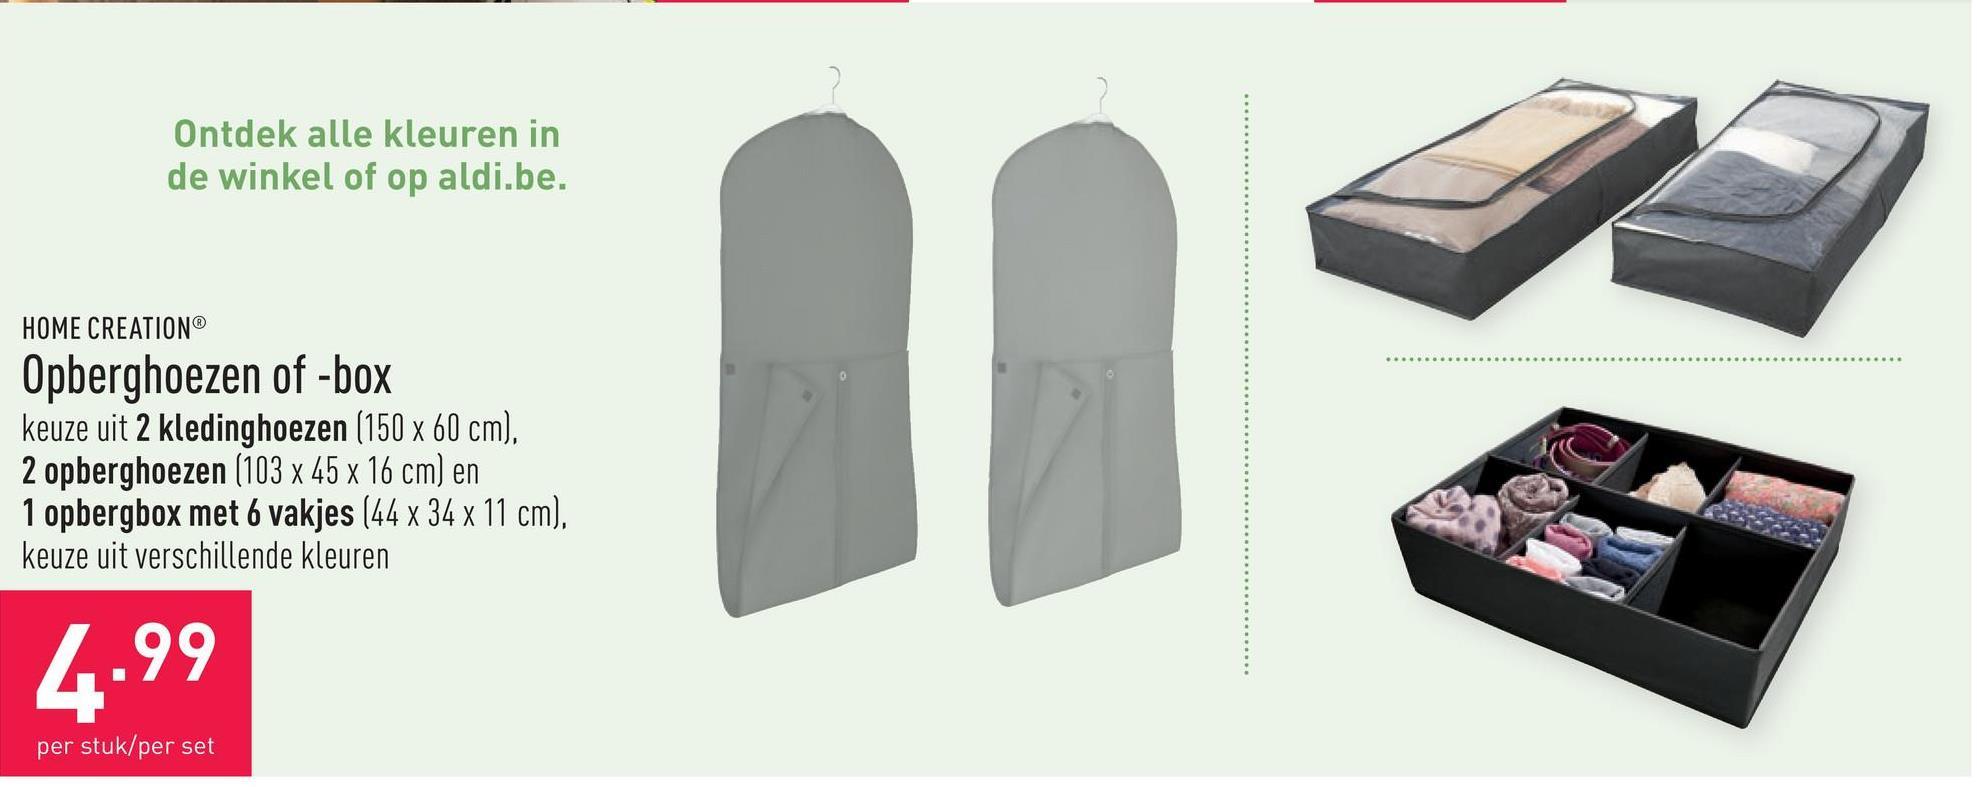 Opberghoezen of -box keuze uit 2 kledinghoezen (150 x 60 cm), 2 opberghoezen (103 x 45 x 16 cm) en 1 opbergbox met 6 vakjes (44 x 34 x 11 cm), keuze uit verschillende kleuren